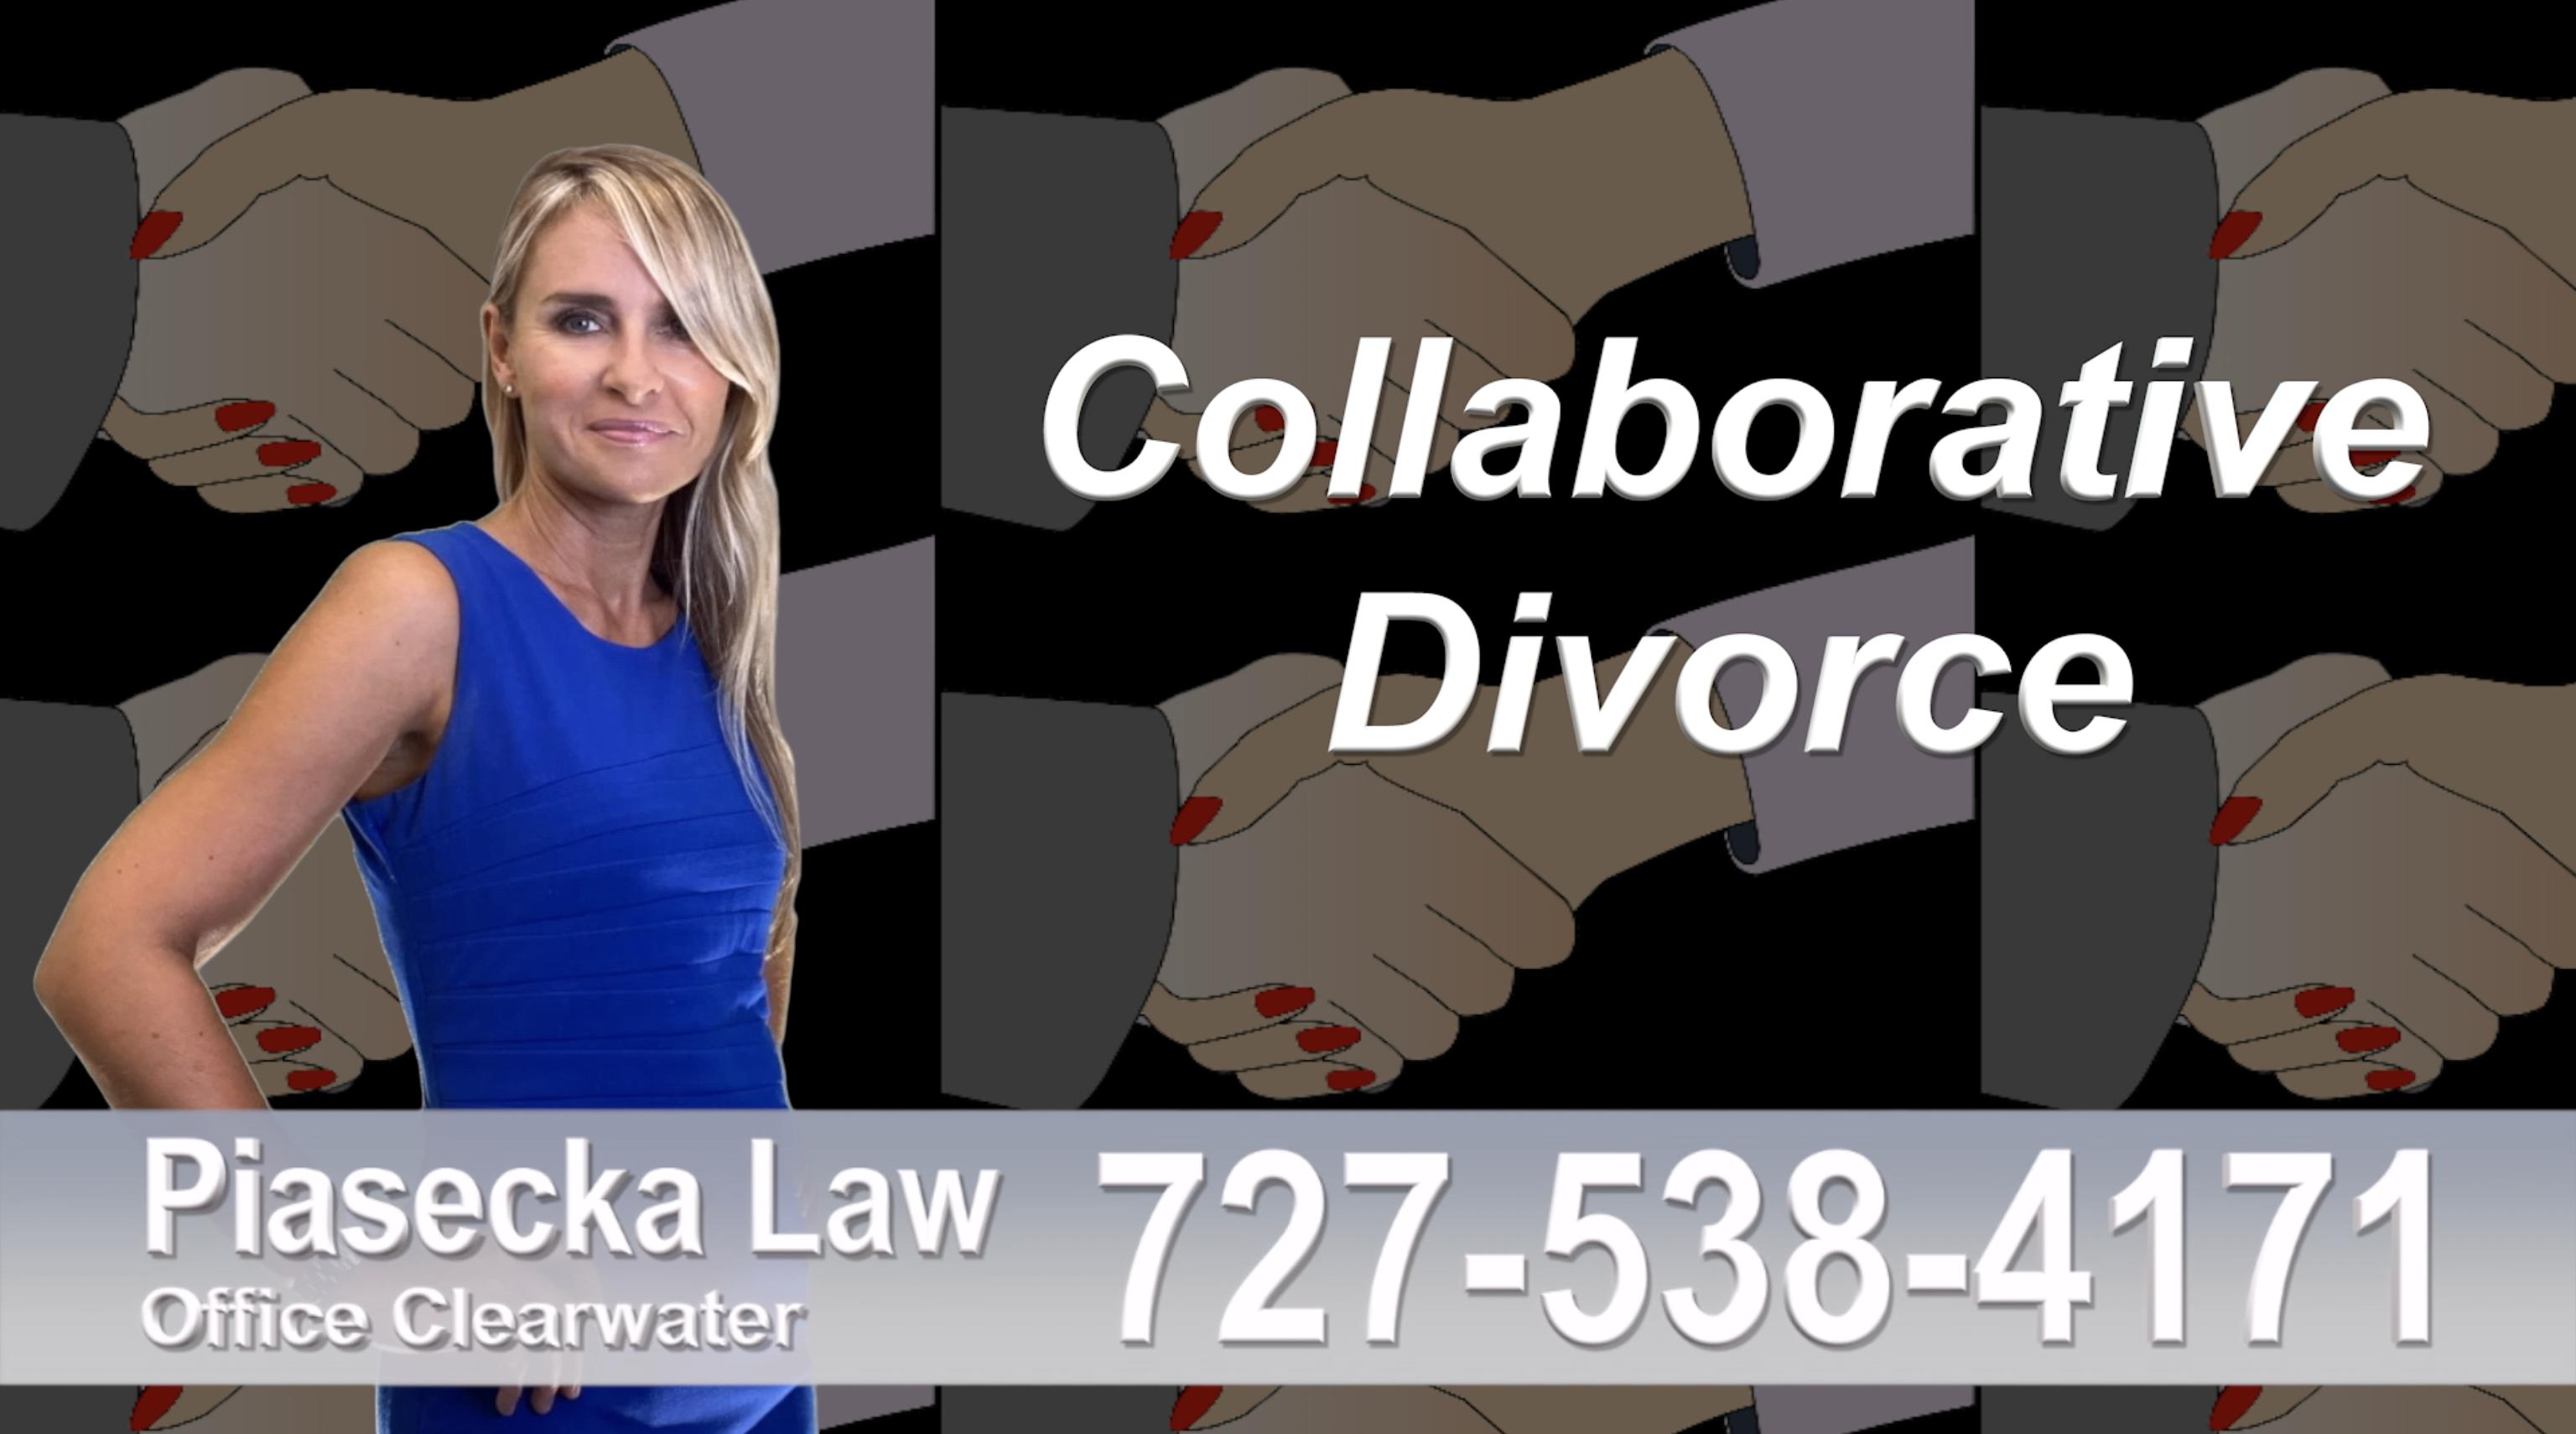 Odessa Collaborative, Divorce, Attorney, Agnieszka, Piasecka, Prawnik, Rozwodowy, Rozwód, Adwokat, Najlepszy, Best, divorce, attorney, lawyer